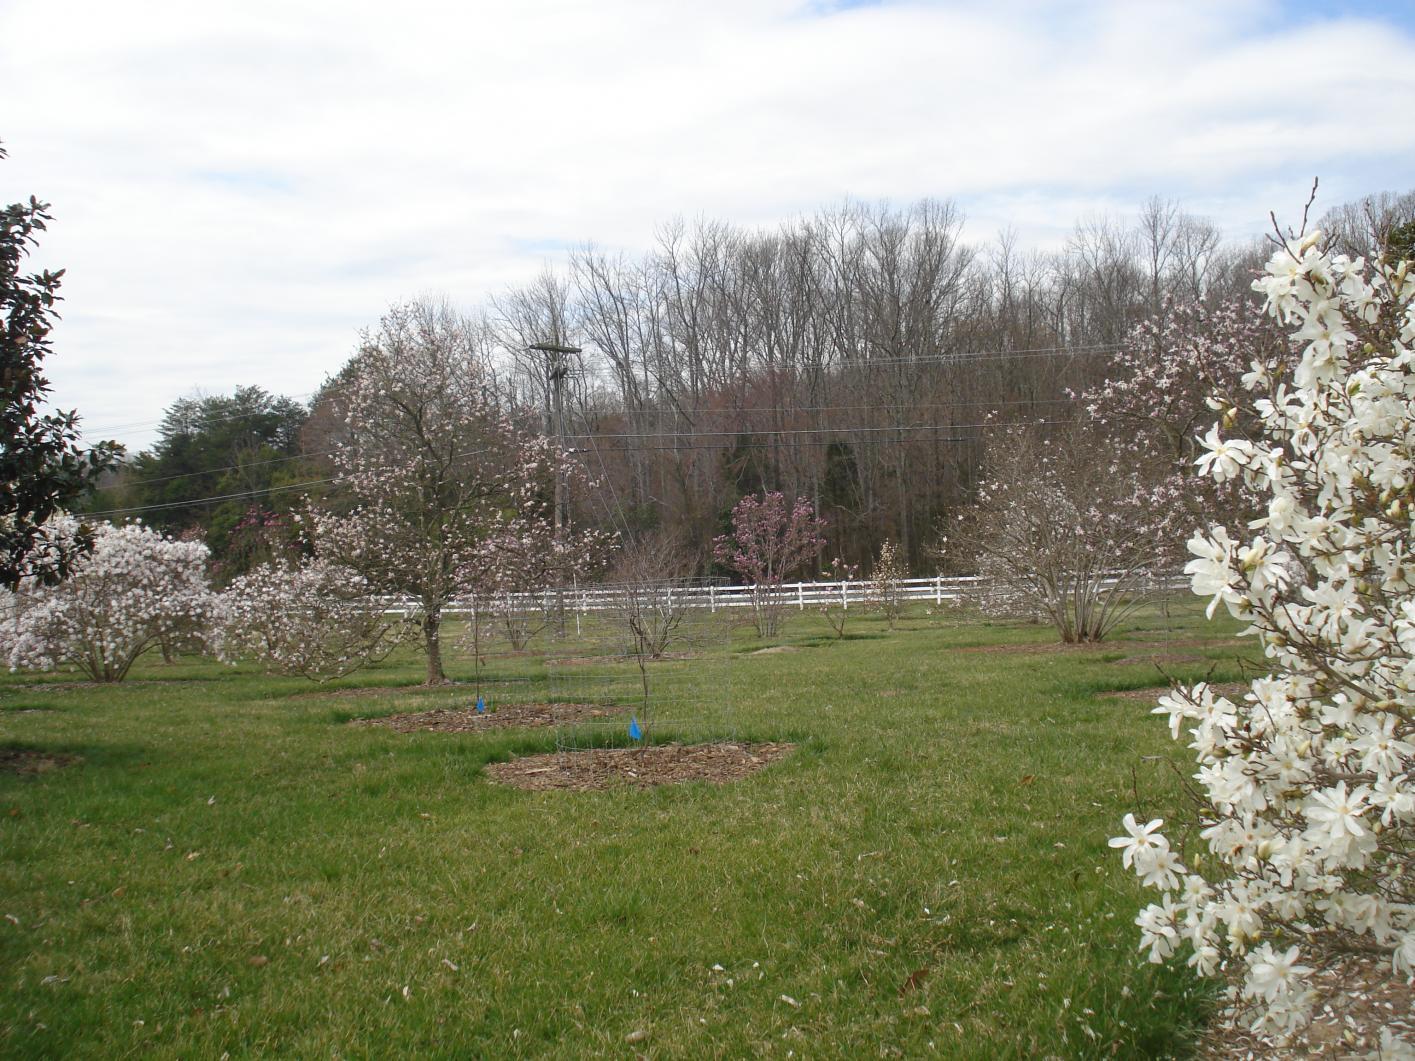 Magnolia Multisite American Public Gardens Association